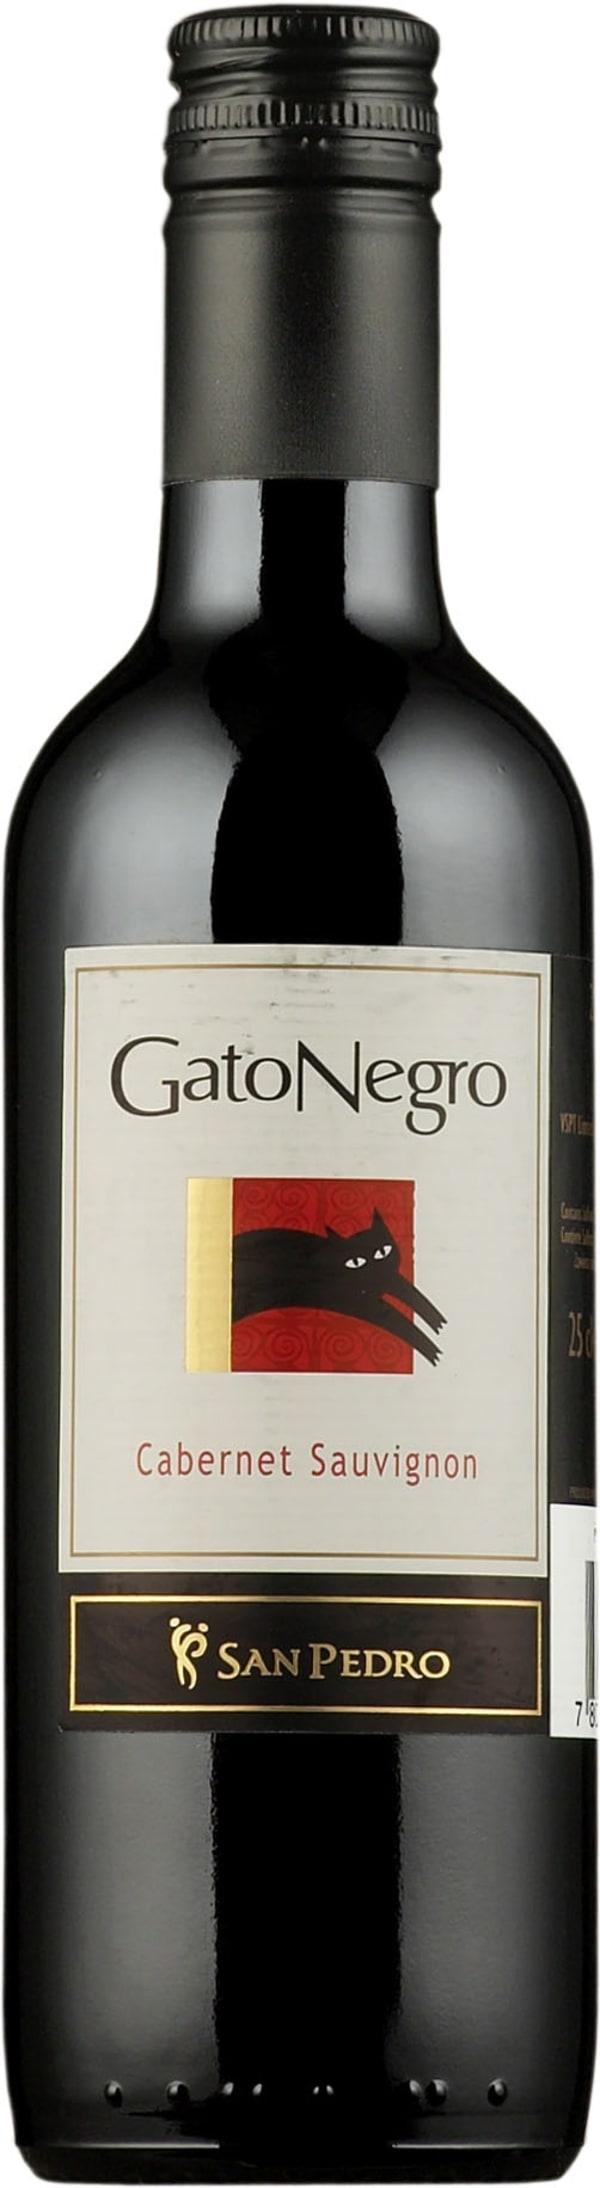 Gato Negro Cabernet Sauvignon 2016